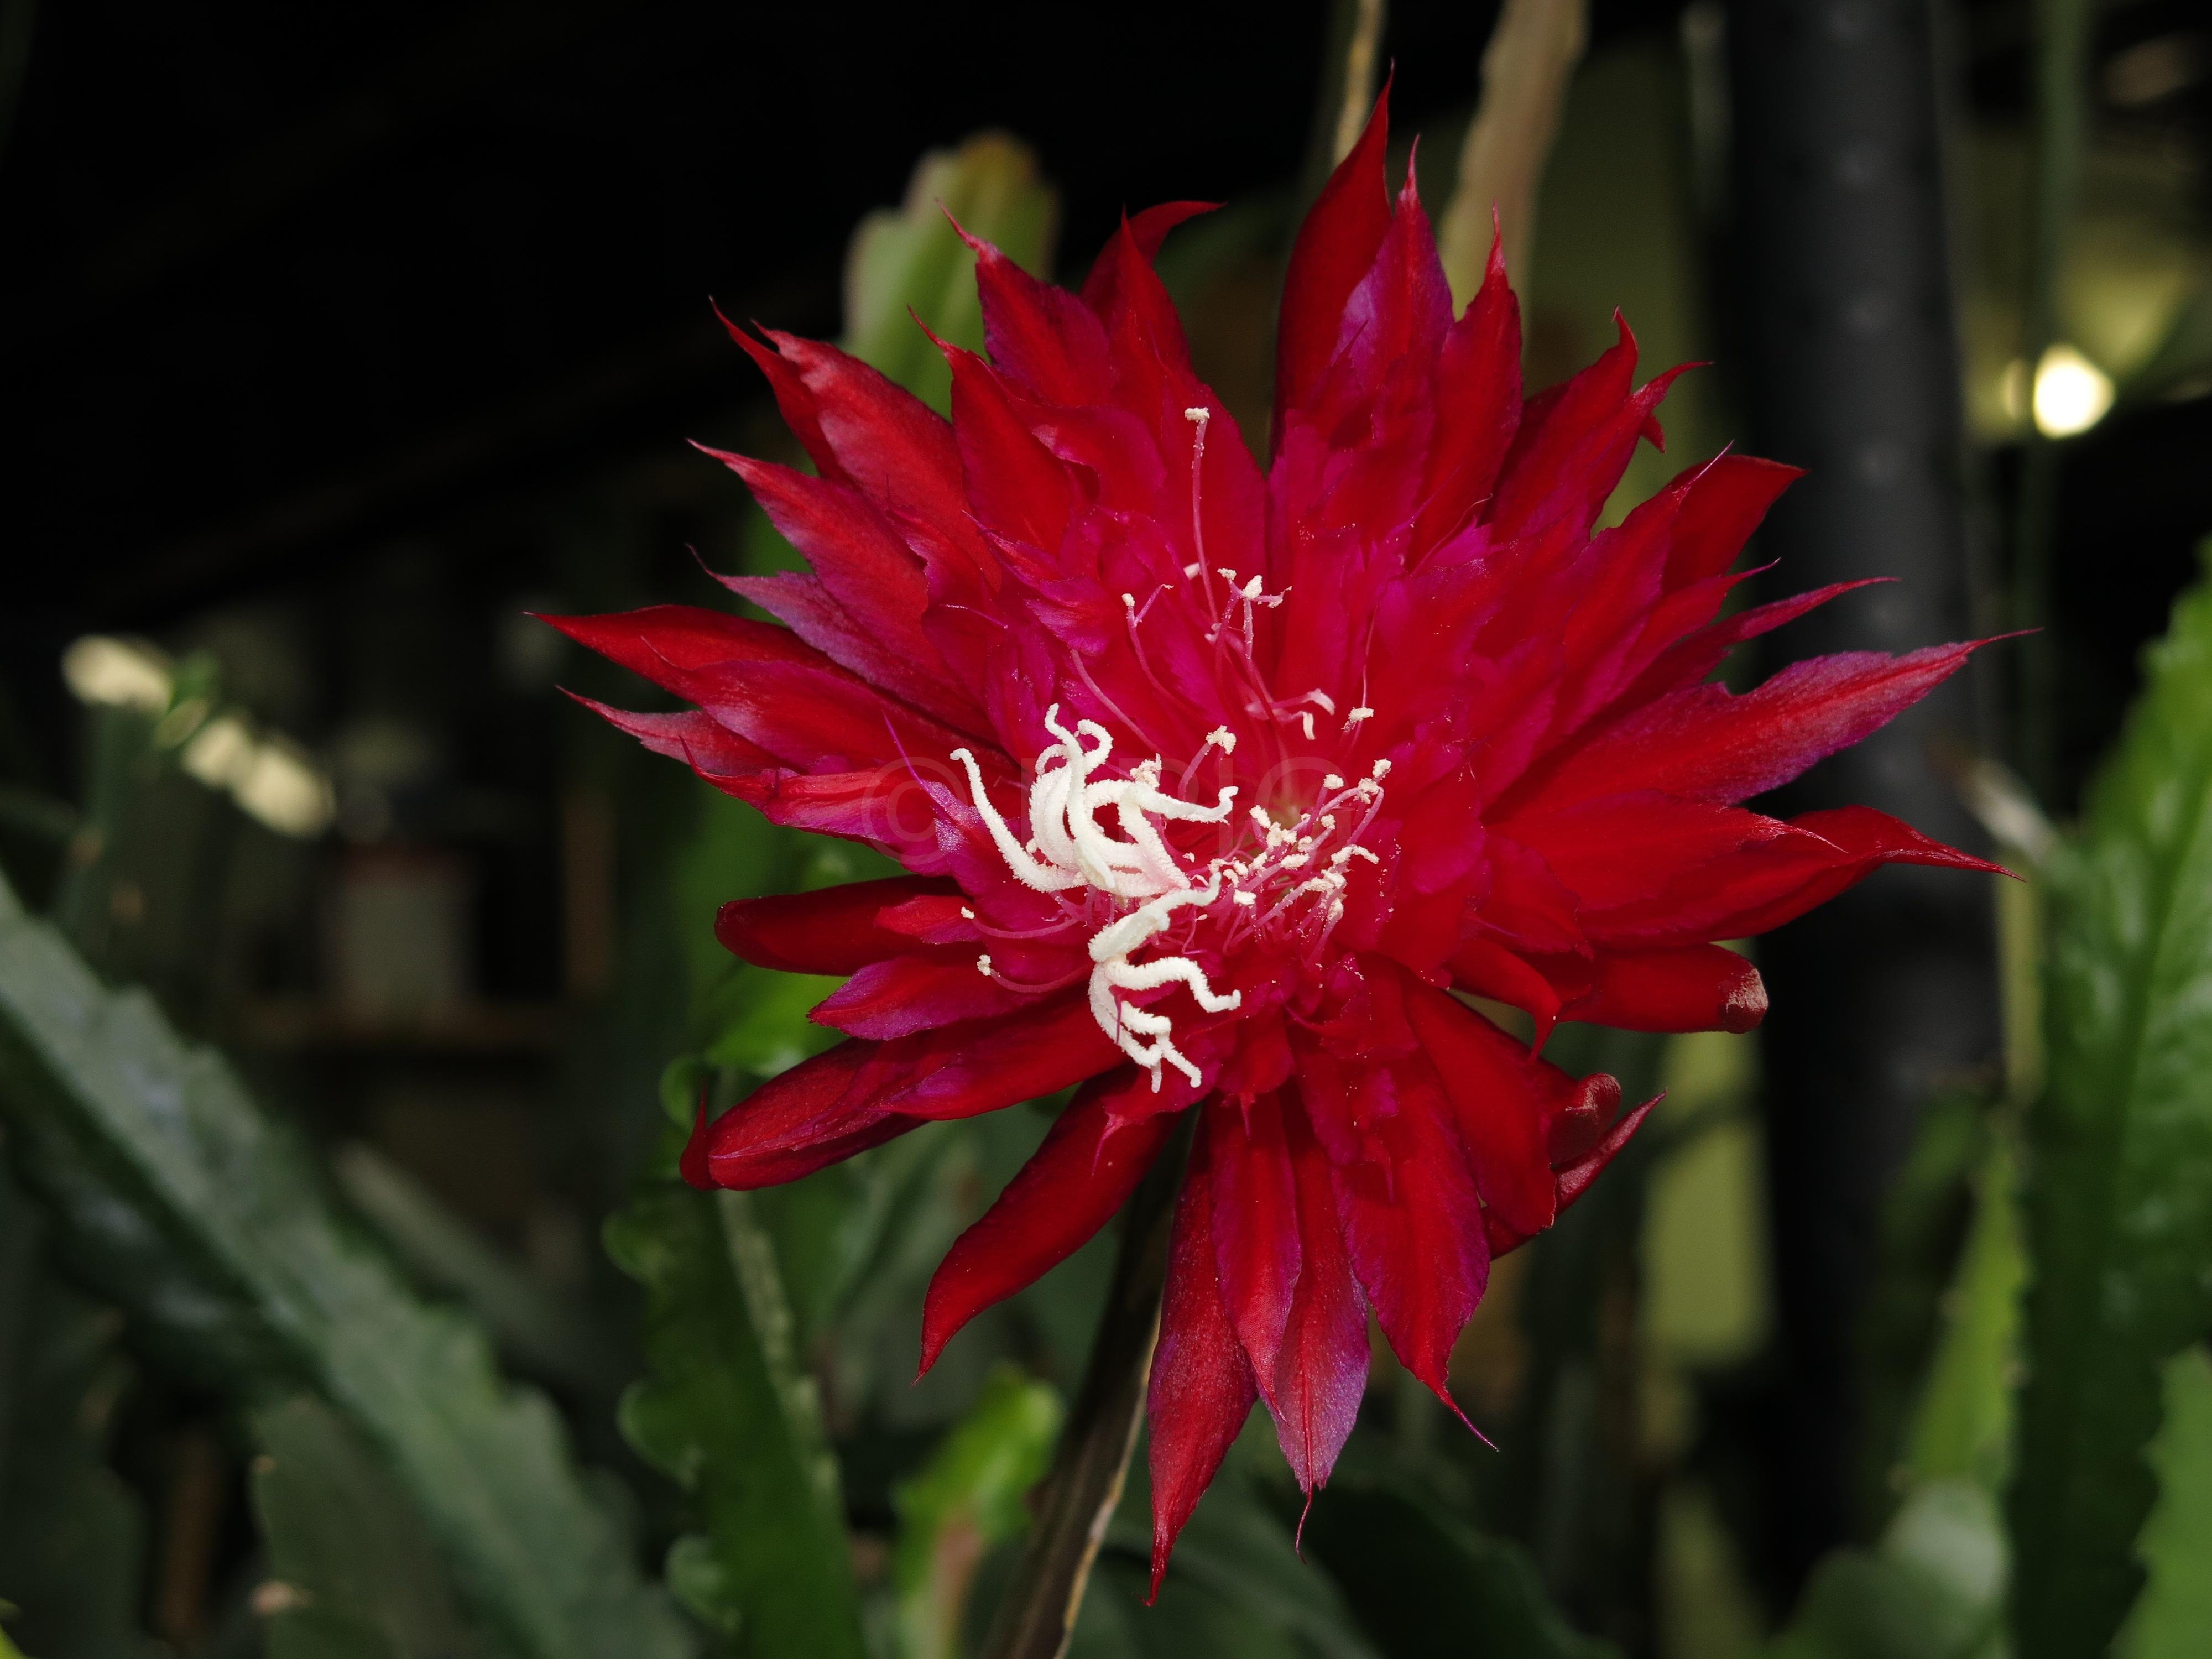 Epikaktus 'Ruby Pinwheel' (Foto Walter Widmann)